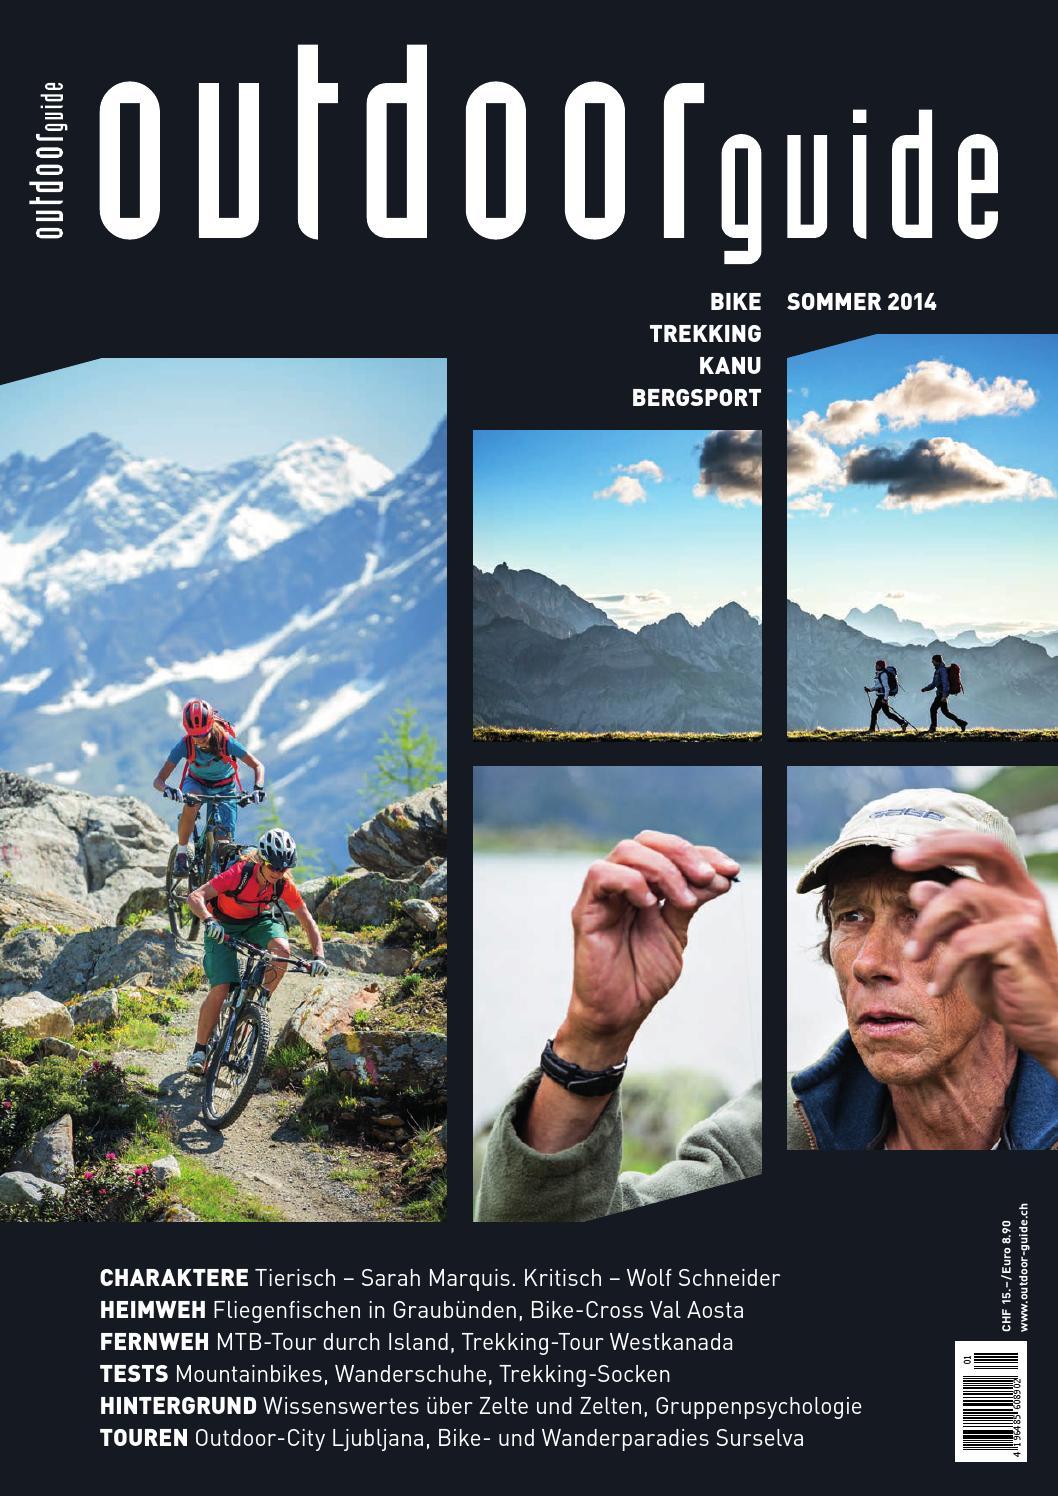 Outdoor Guide Sommer 2014 by ALPENBLICKDREI Werbeagentur GmbH - issuu